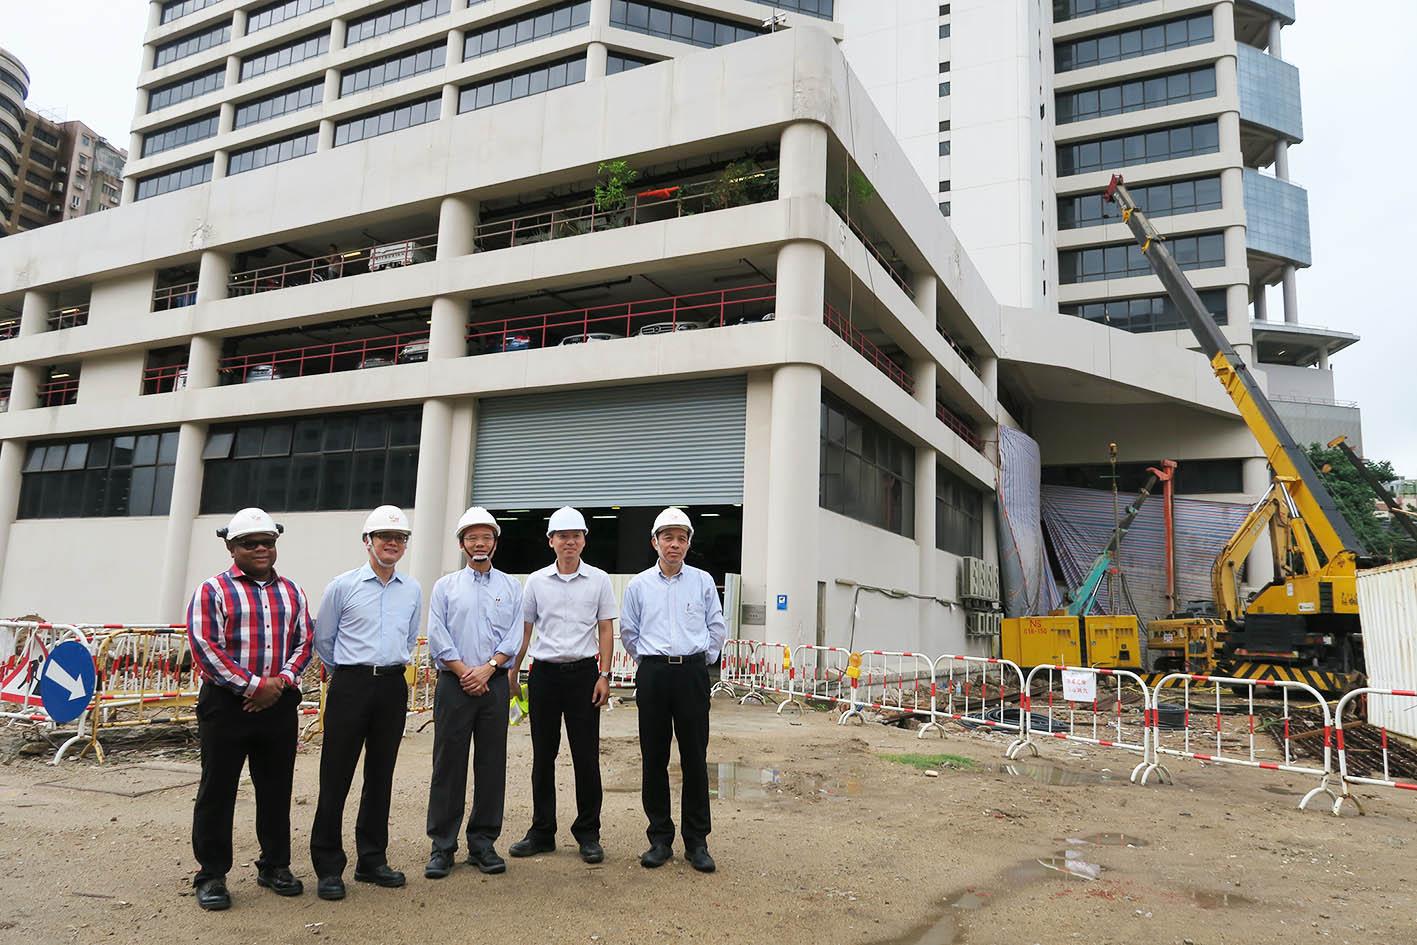 Governo inspeccionou demolição da central da CEM, que está prestes a terminar